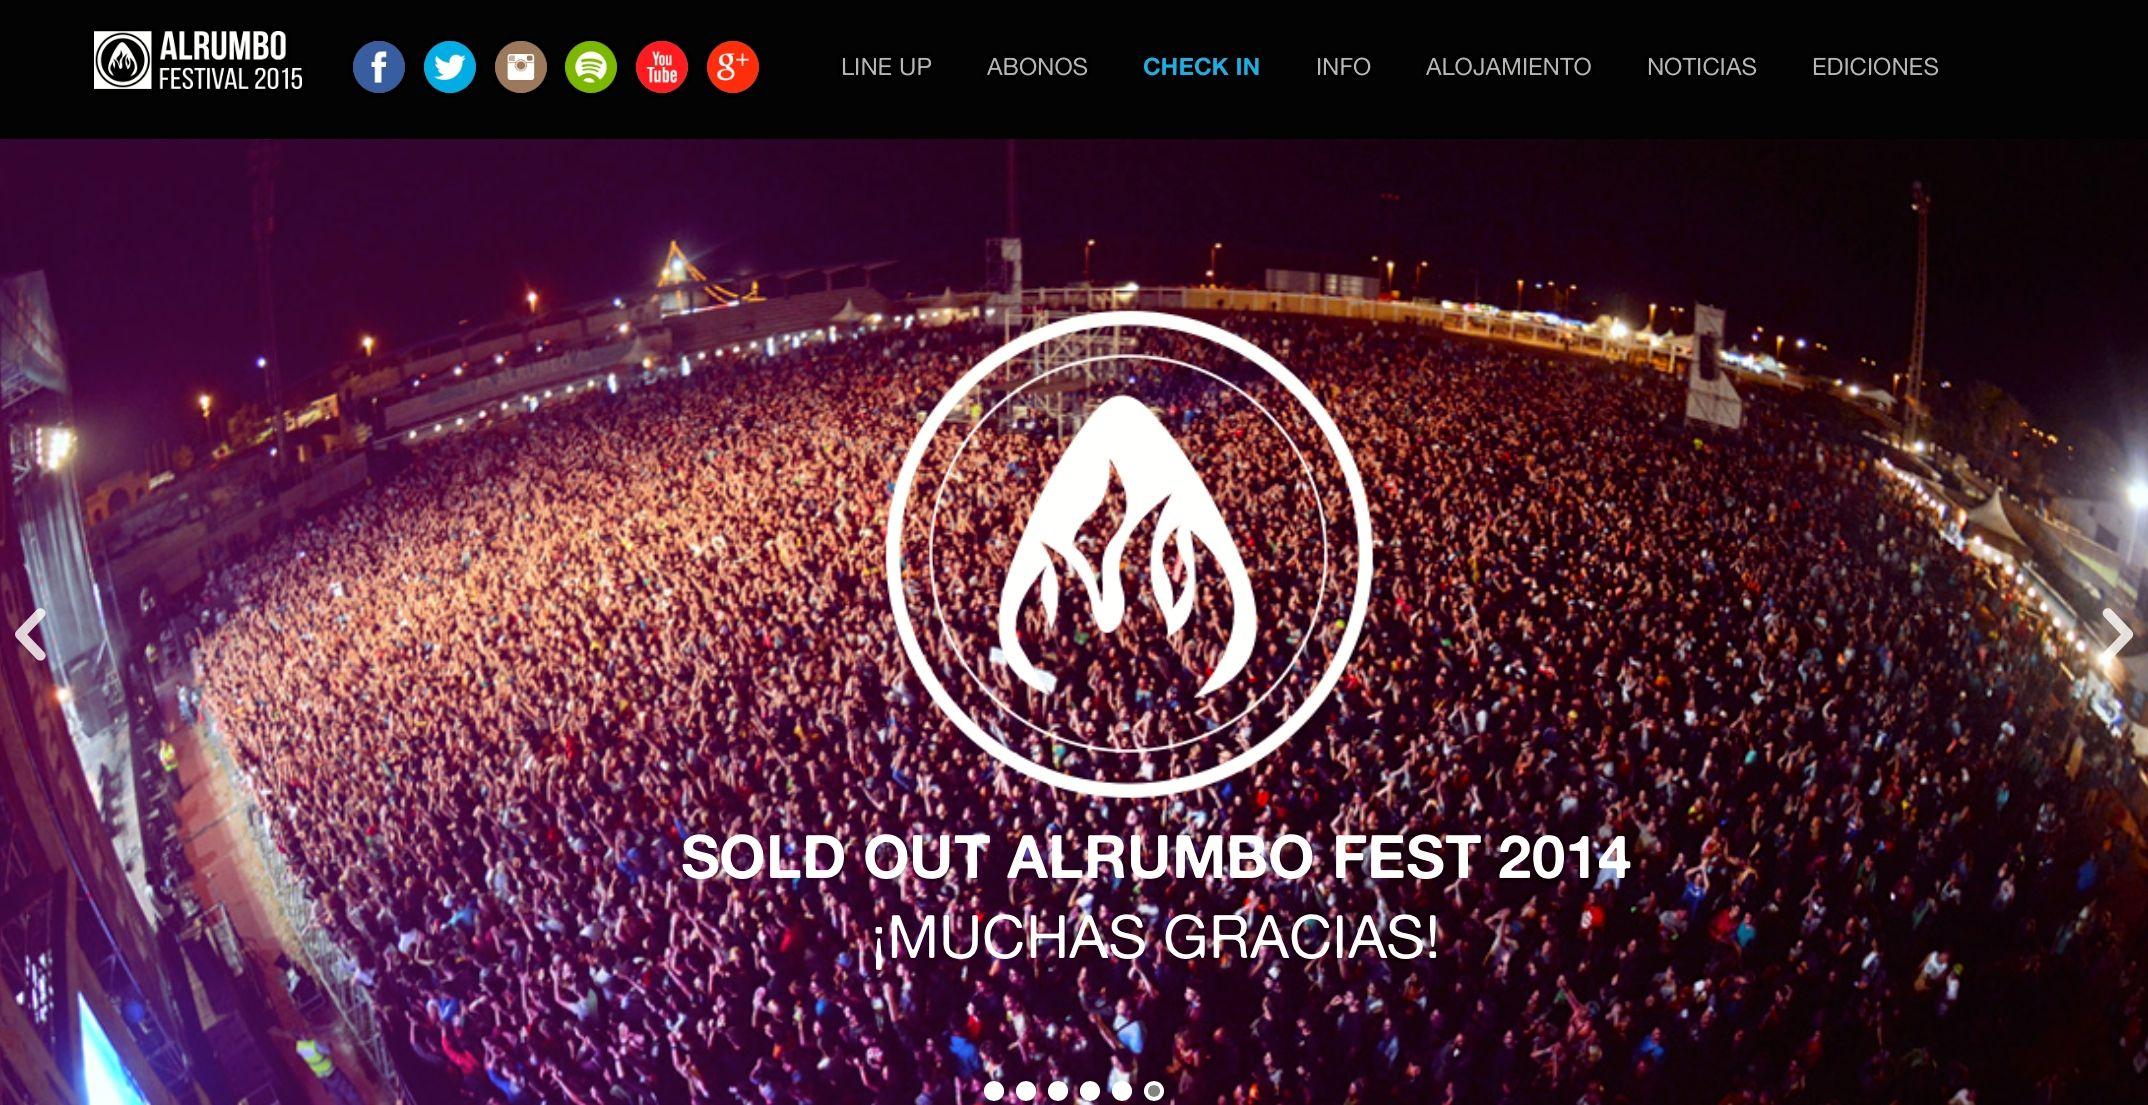 Página web oficial de AlRumbo Festival